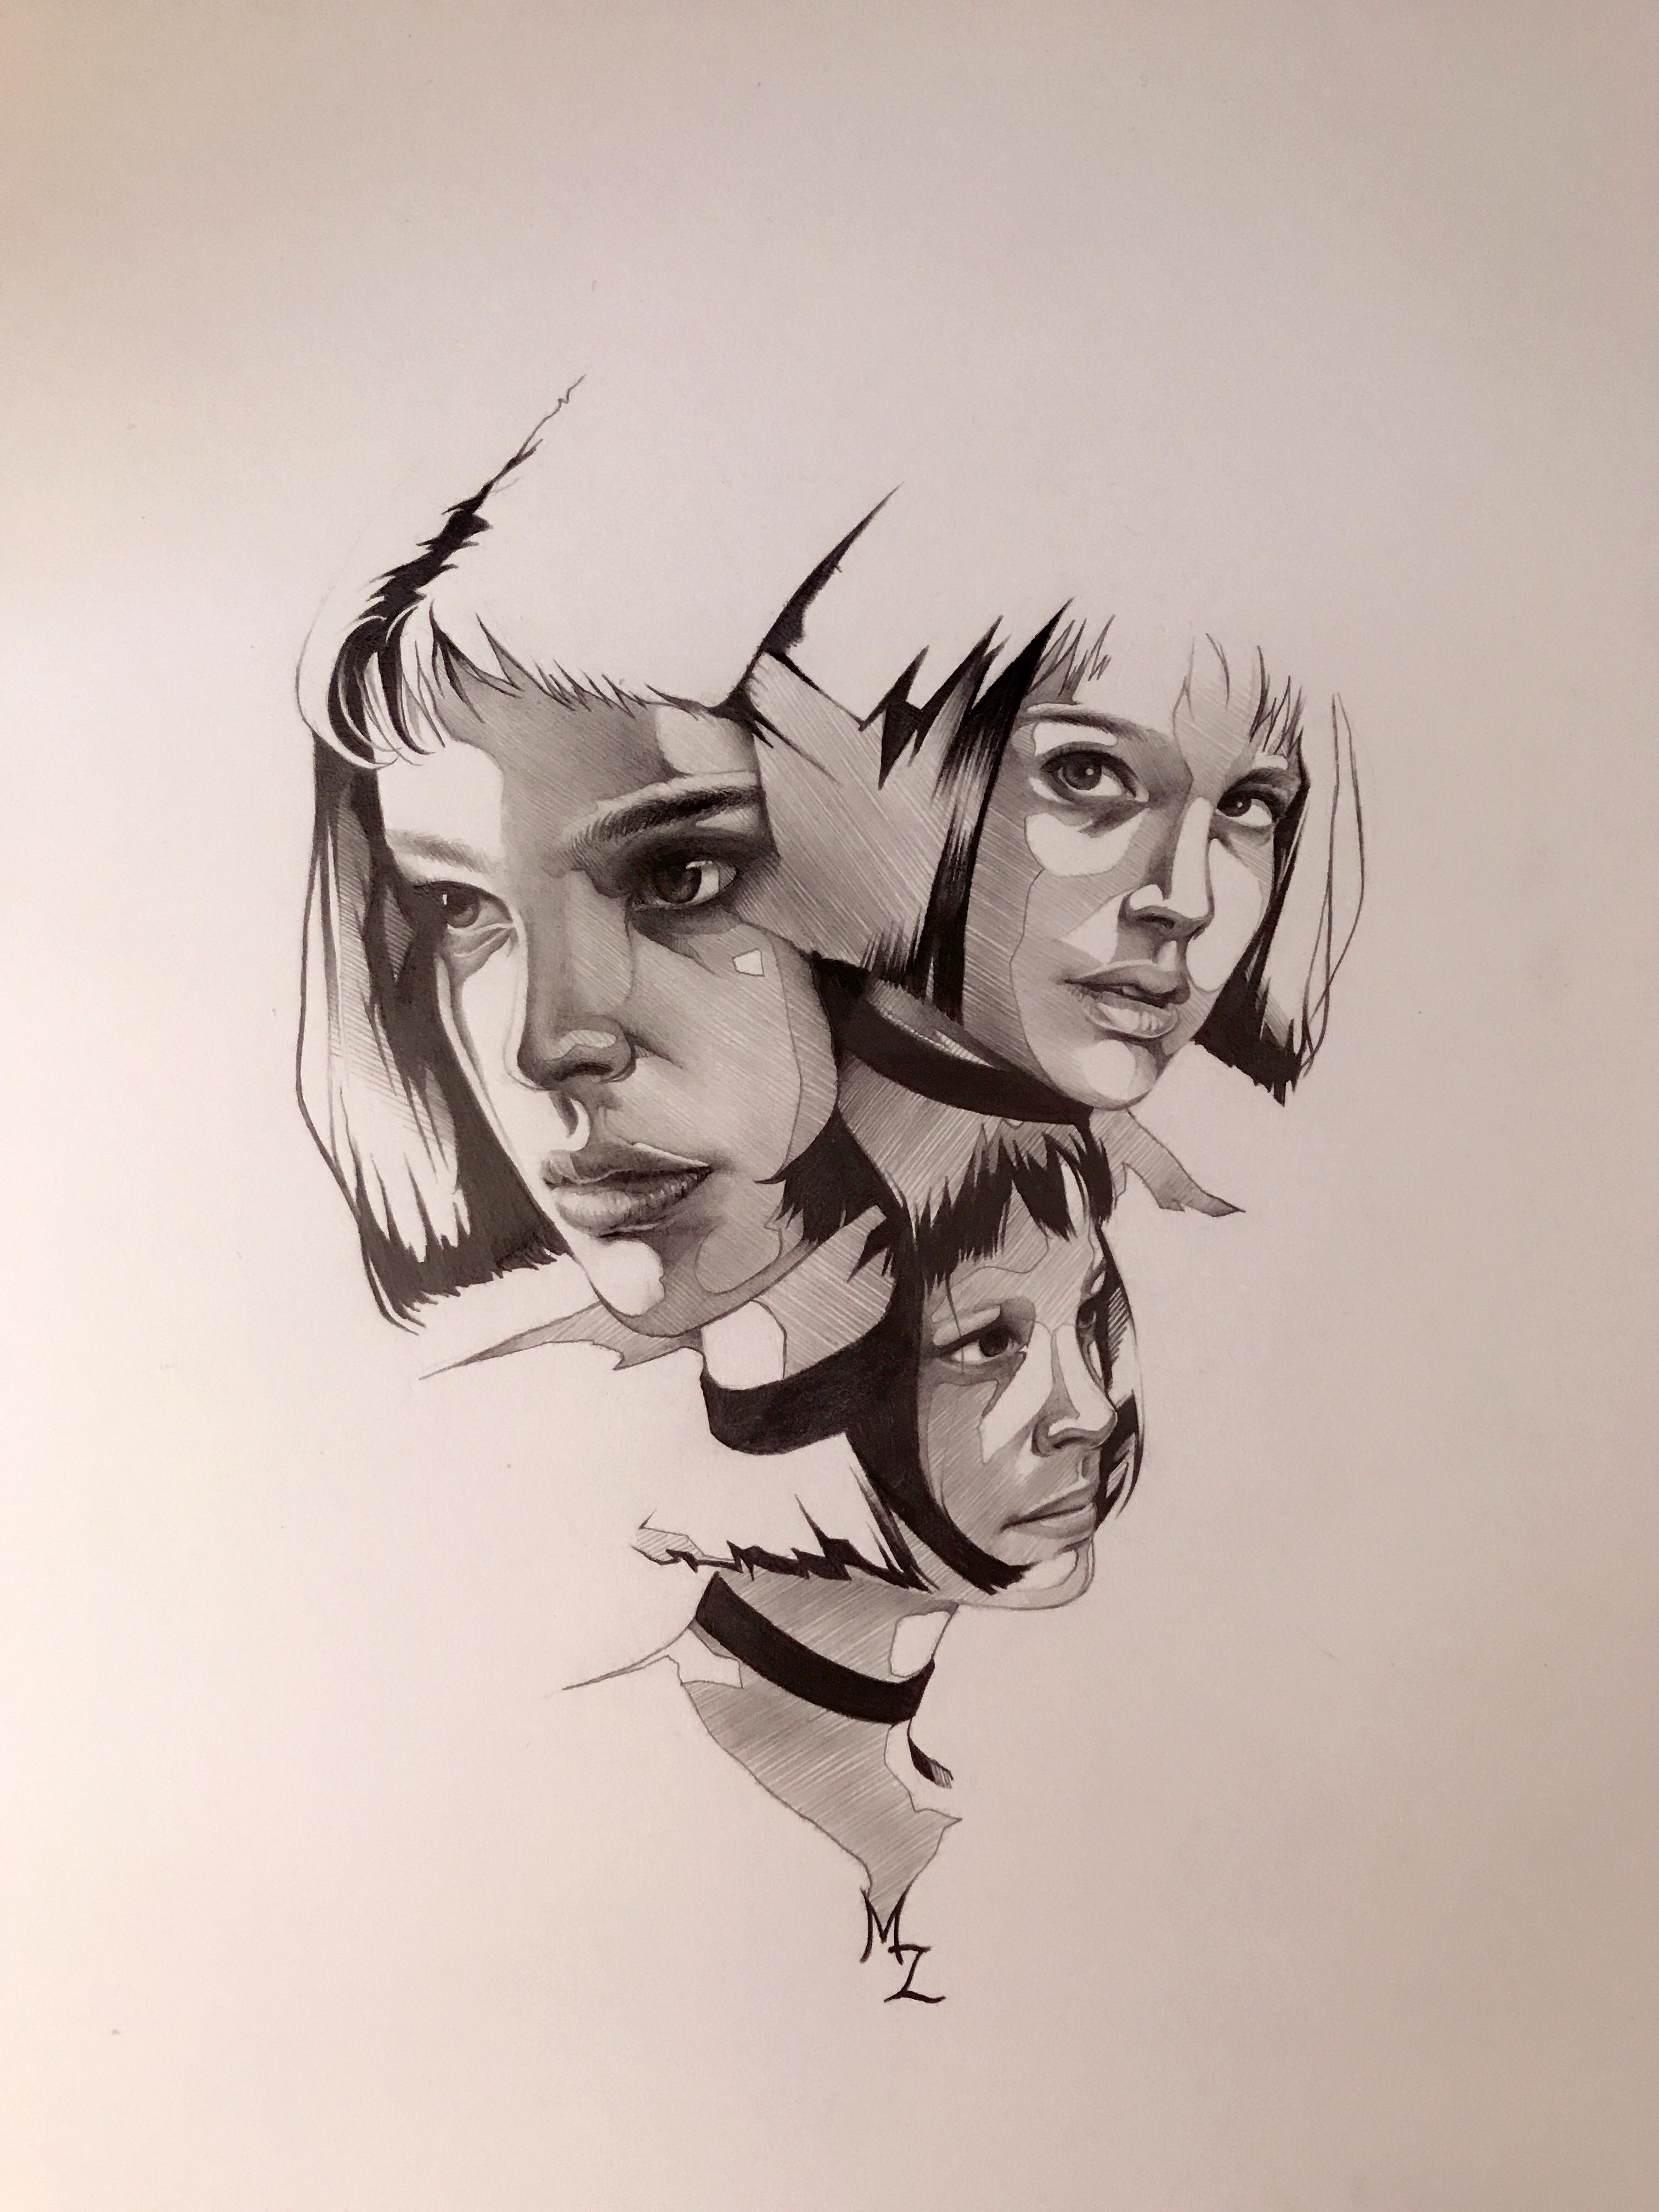 铅笔手绘插画-这个杀手不太冷